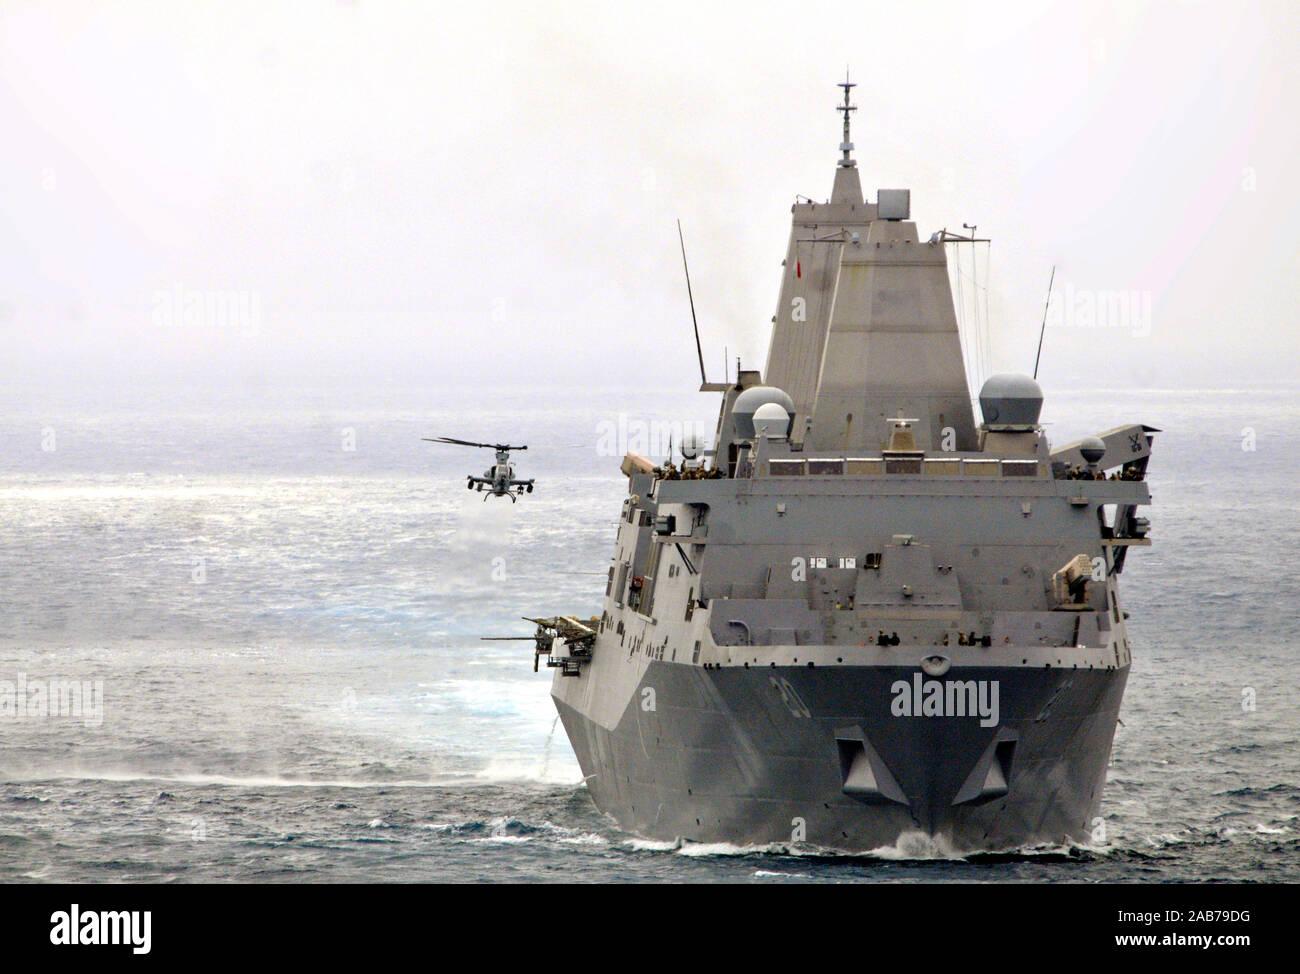 (Julio 21, 2012) Un AH-1Z Viper helicóptero asignado a la 'Purple zorros' del medio marino escuadrón de helicópteros 364 (reforzado), se aproxima al dock buque anfibio de transporte USS Green Bay (LPD 20) durante un ejercicio de adiestramiento de la unidad compuesta (COMPTUEX). Foto de stock